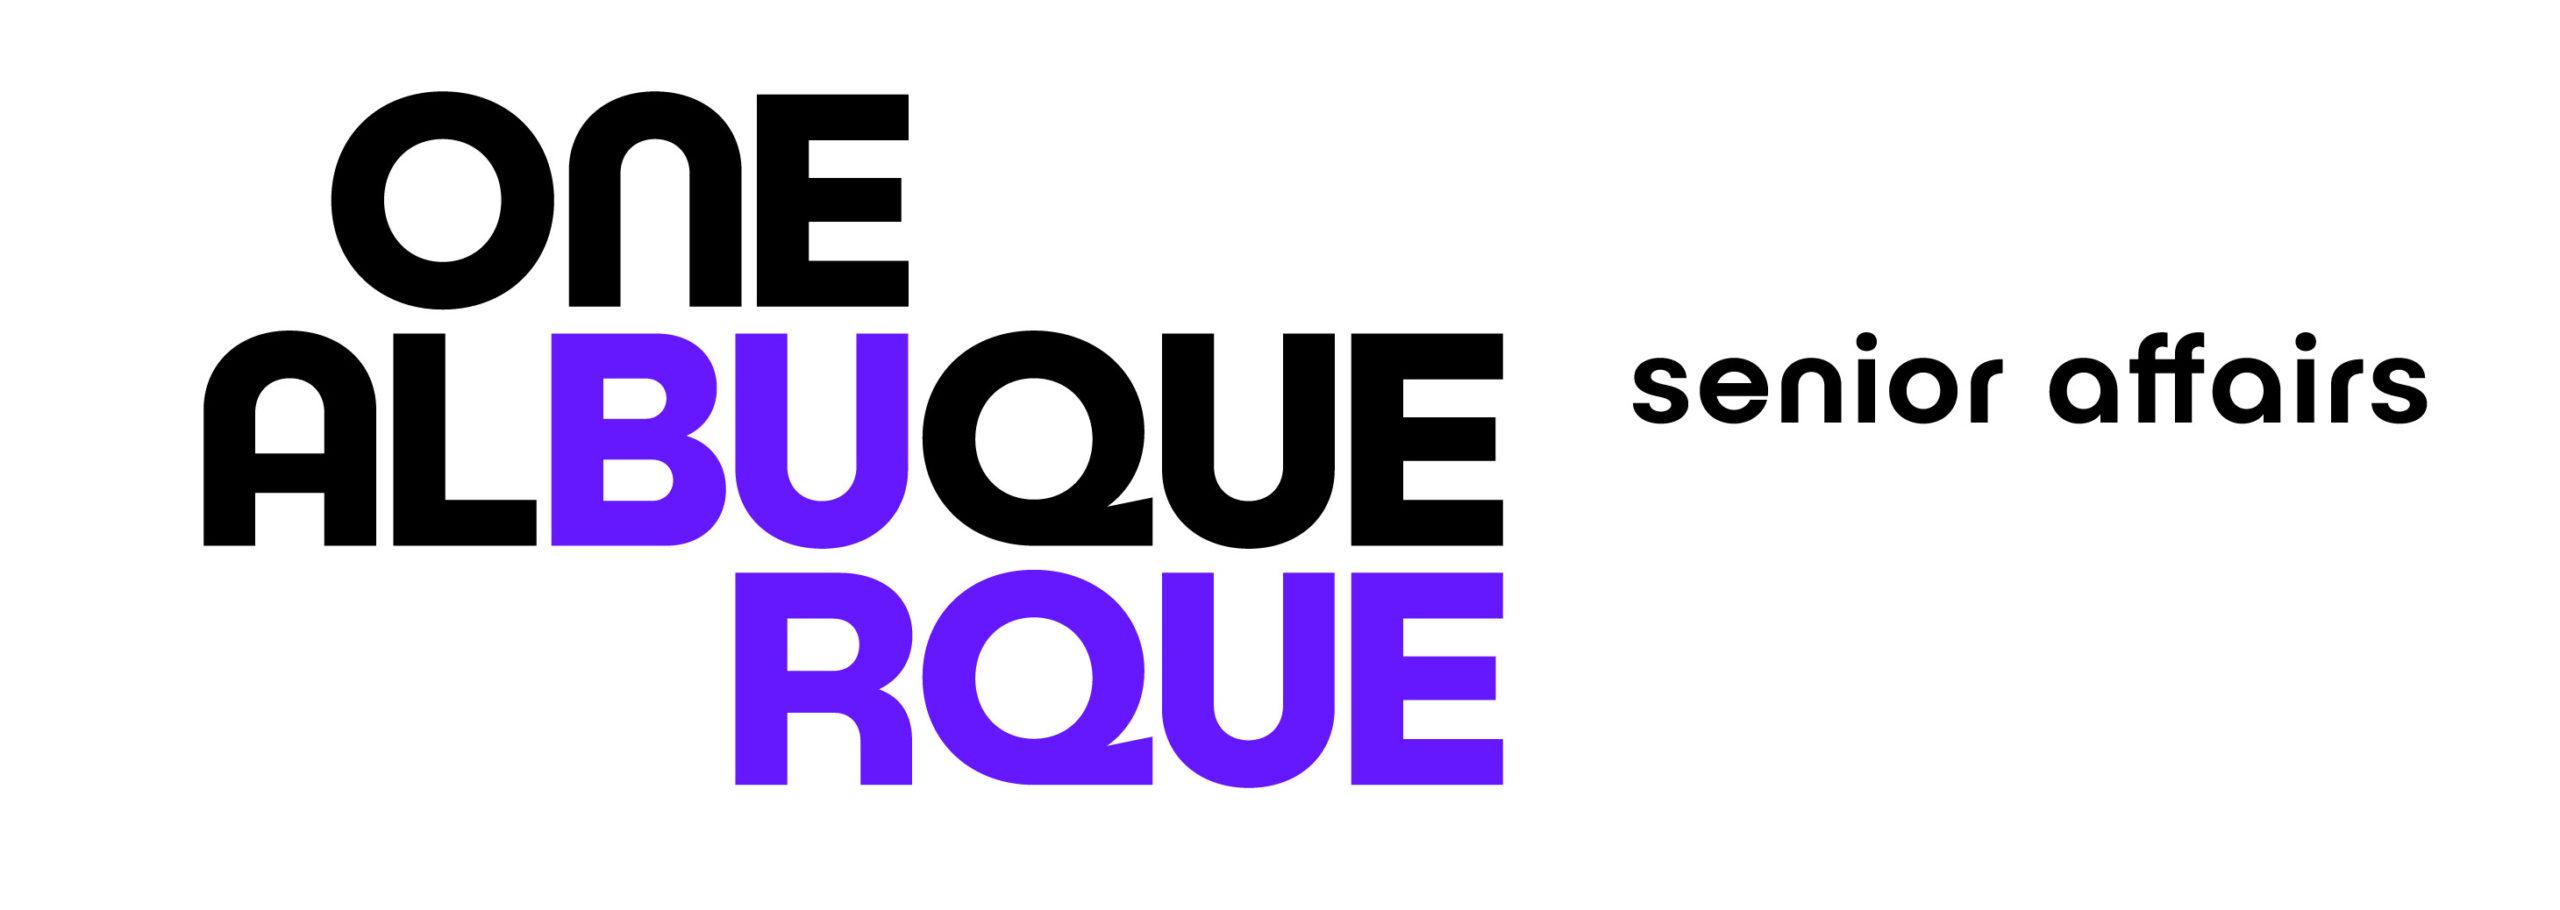 City of Albuquerque Senior Affairs logo